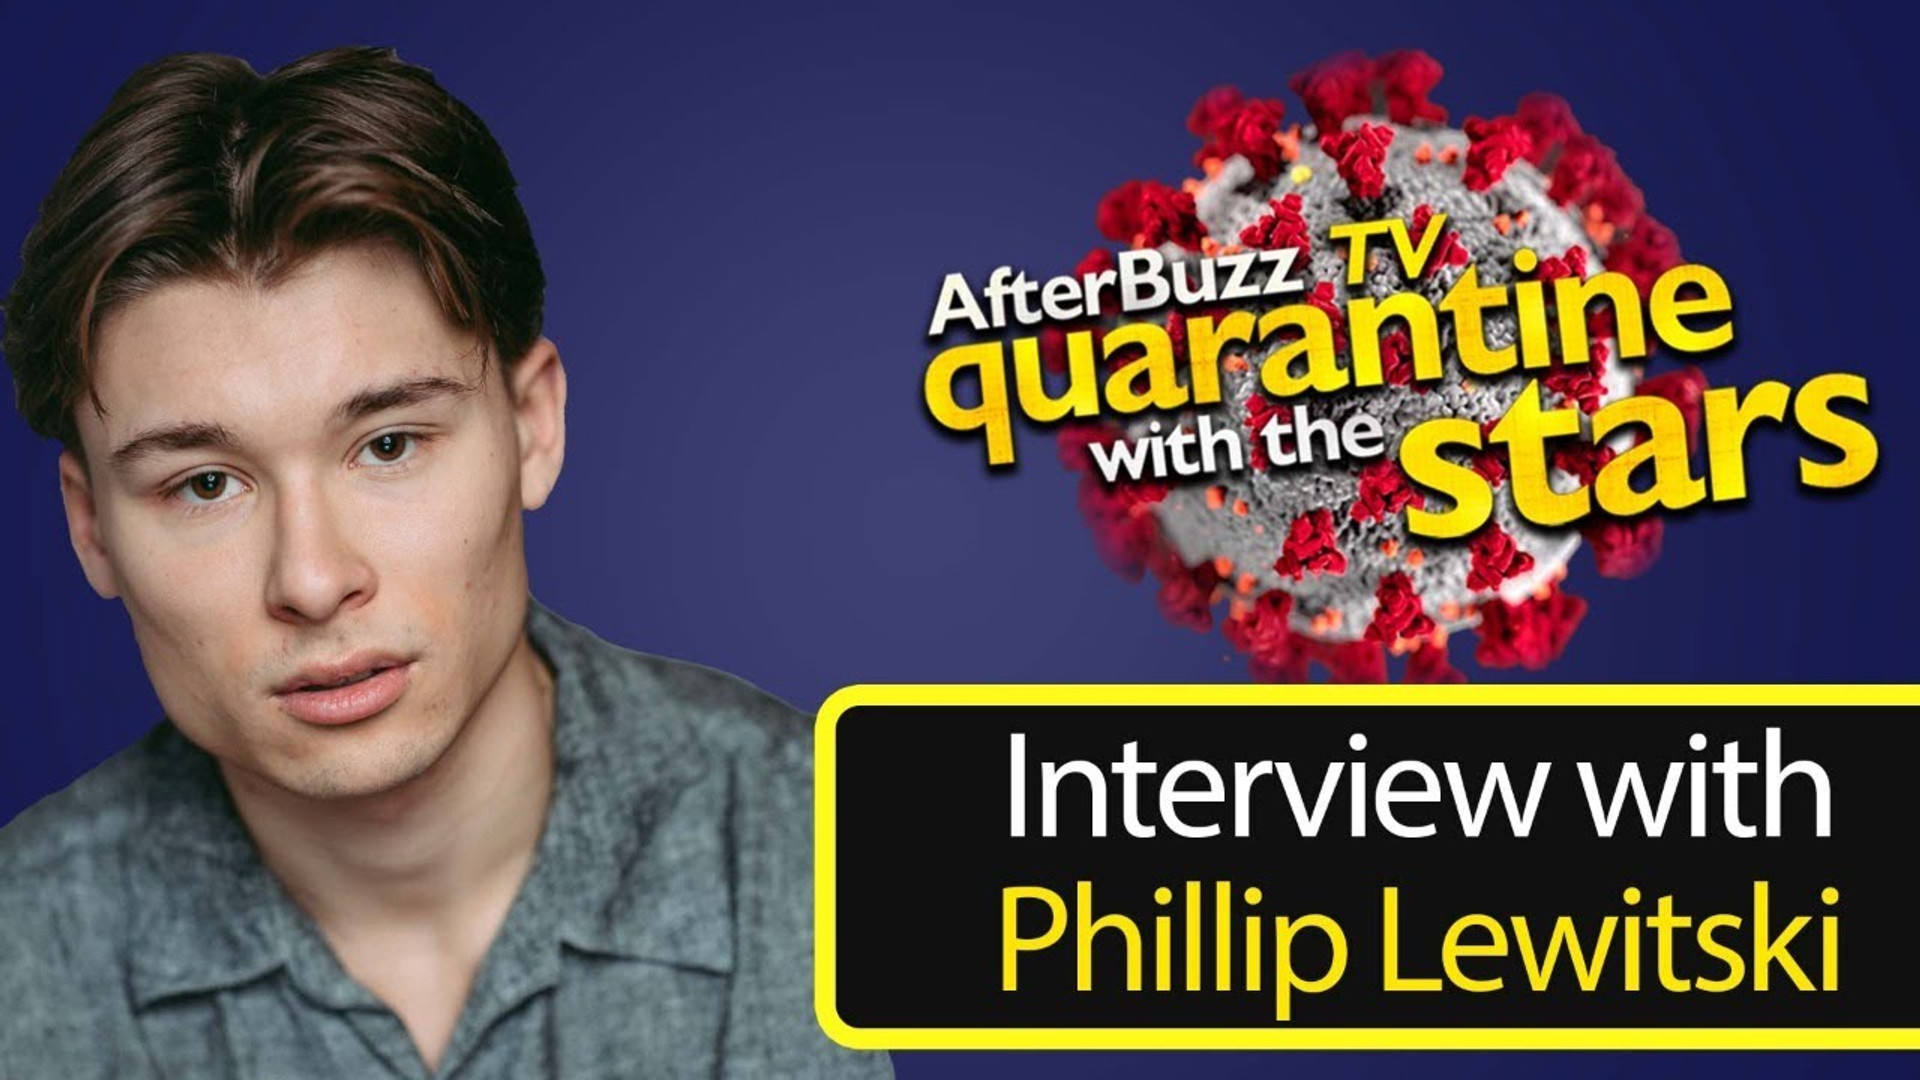 AfterBuzz TV Interview